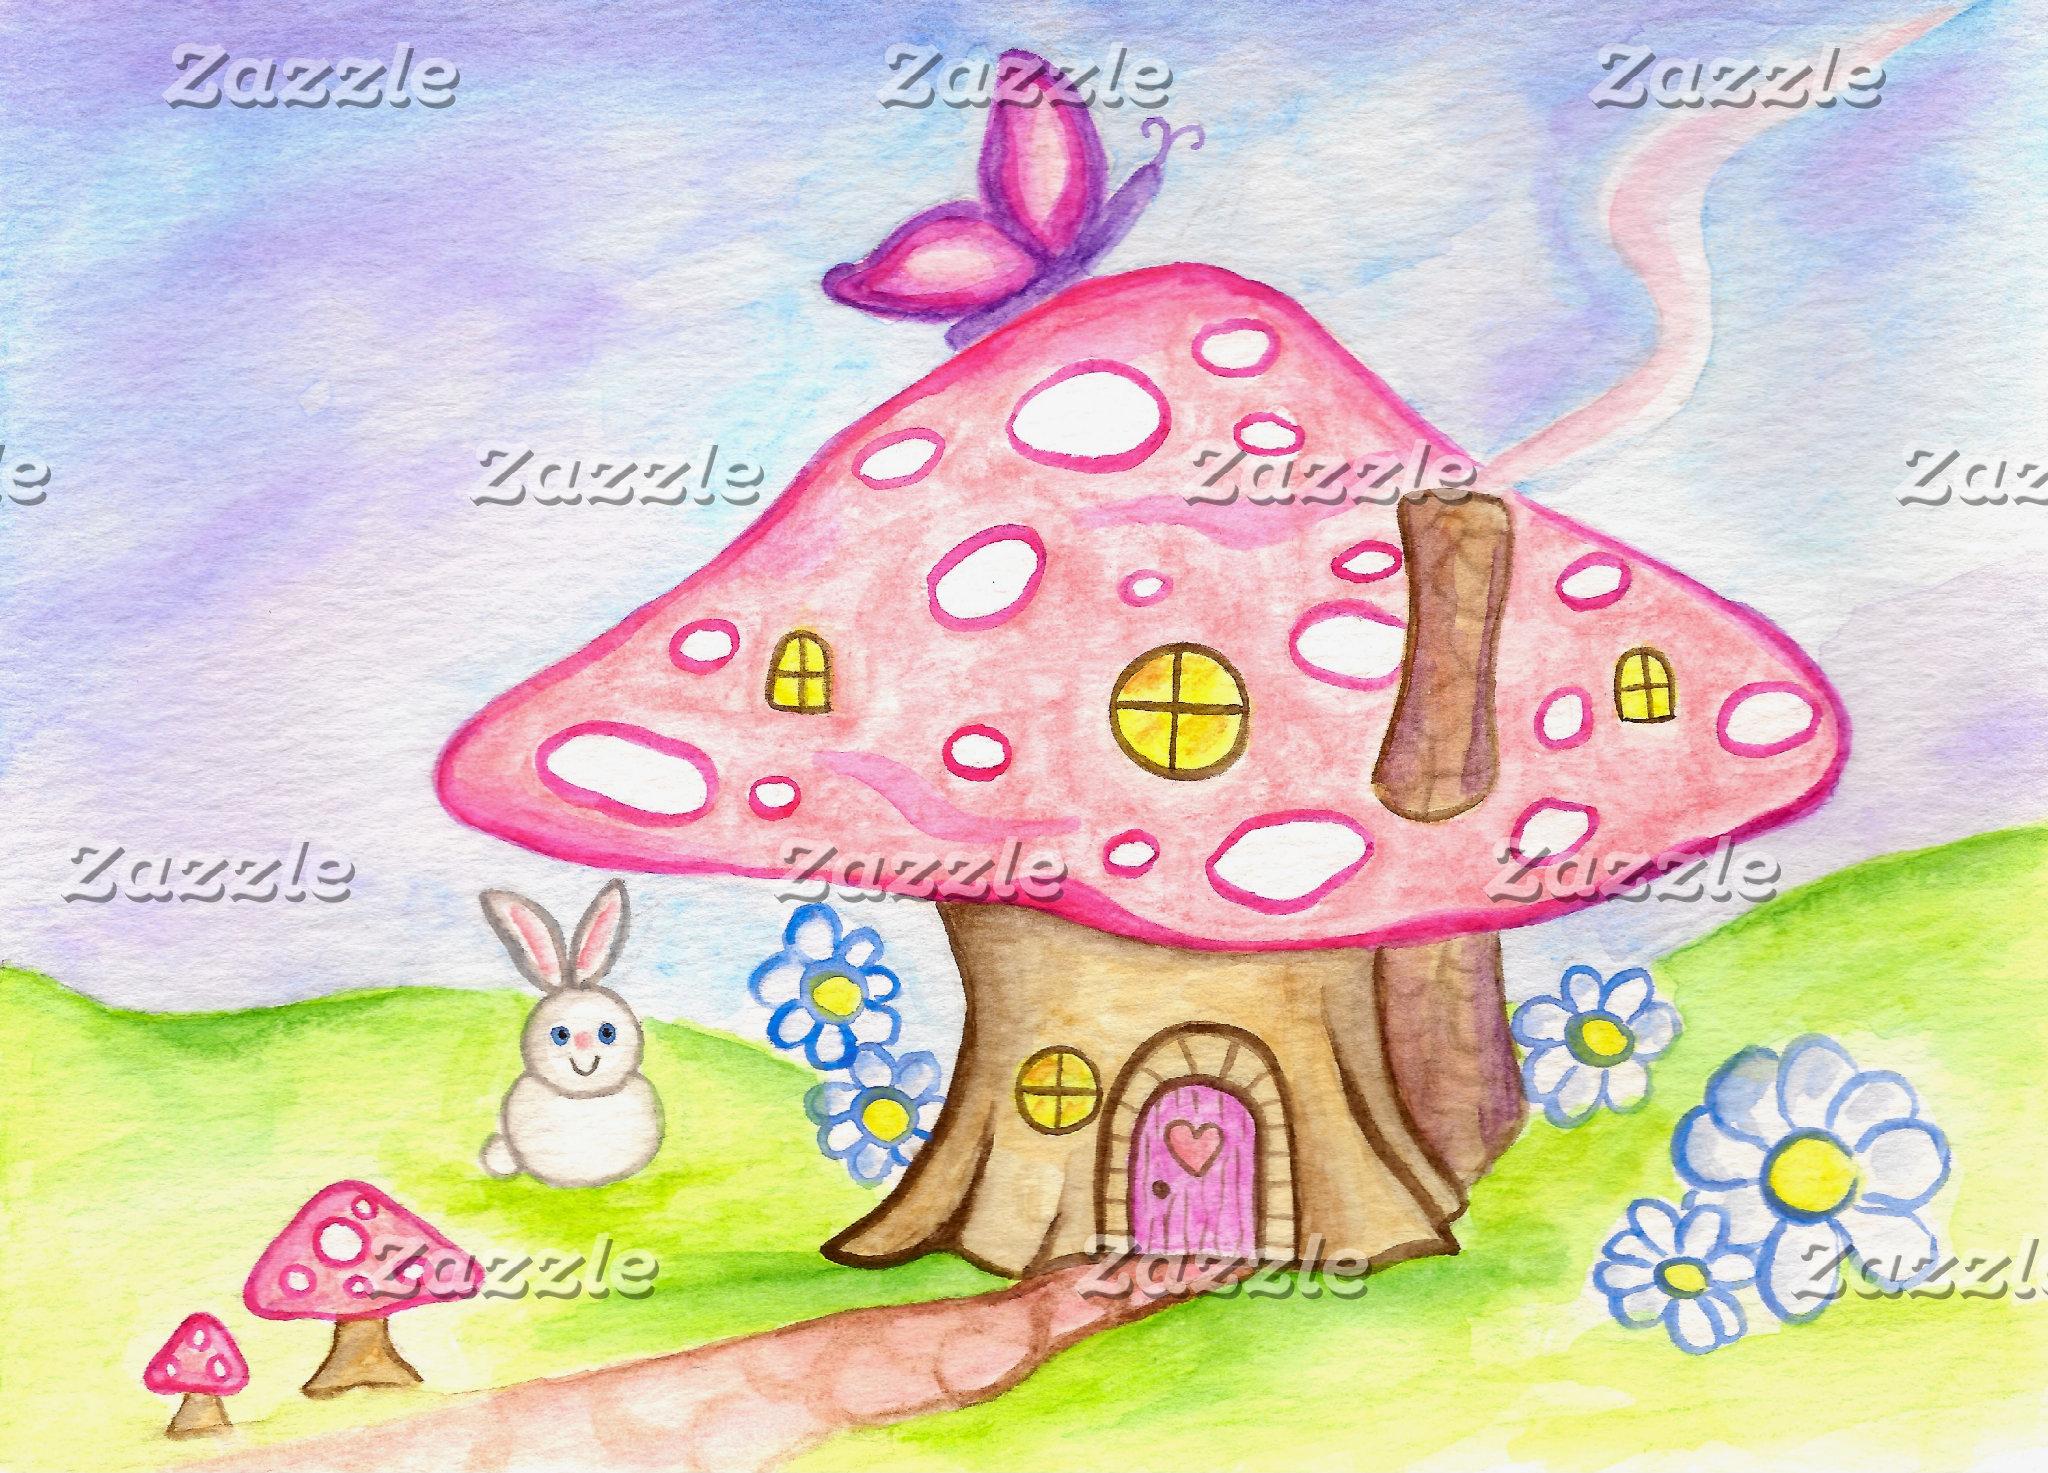 Fantasy/Whimsical